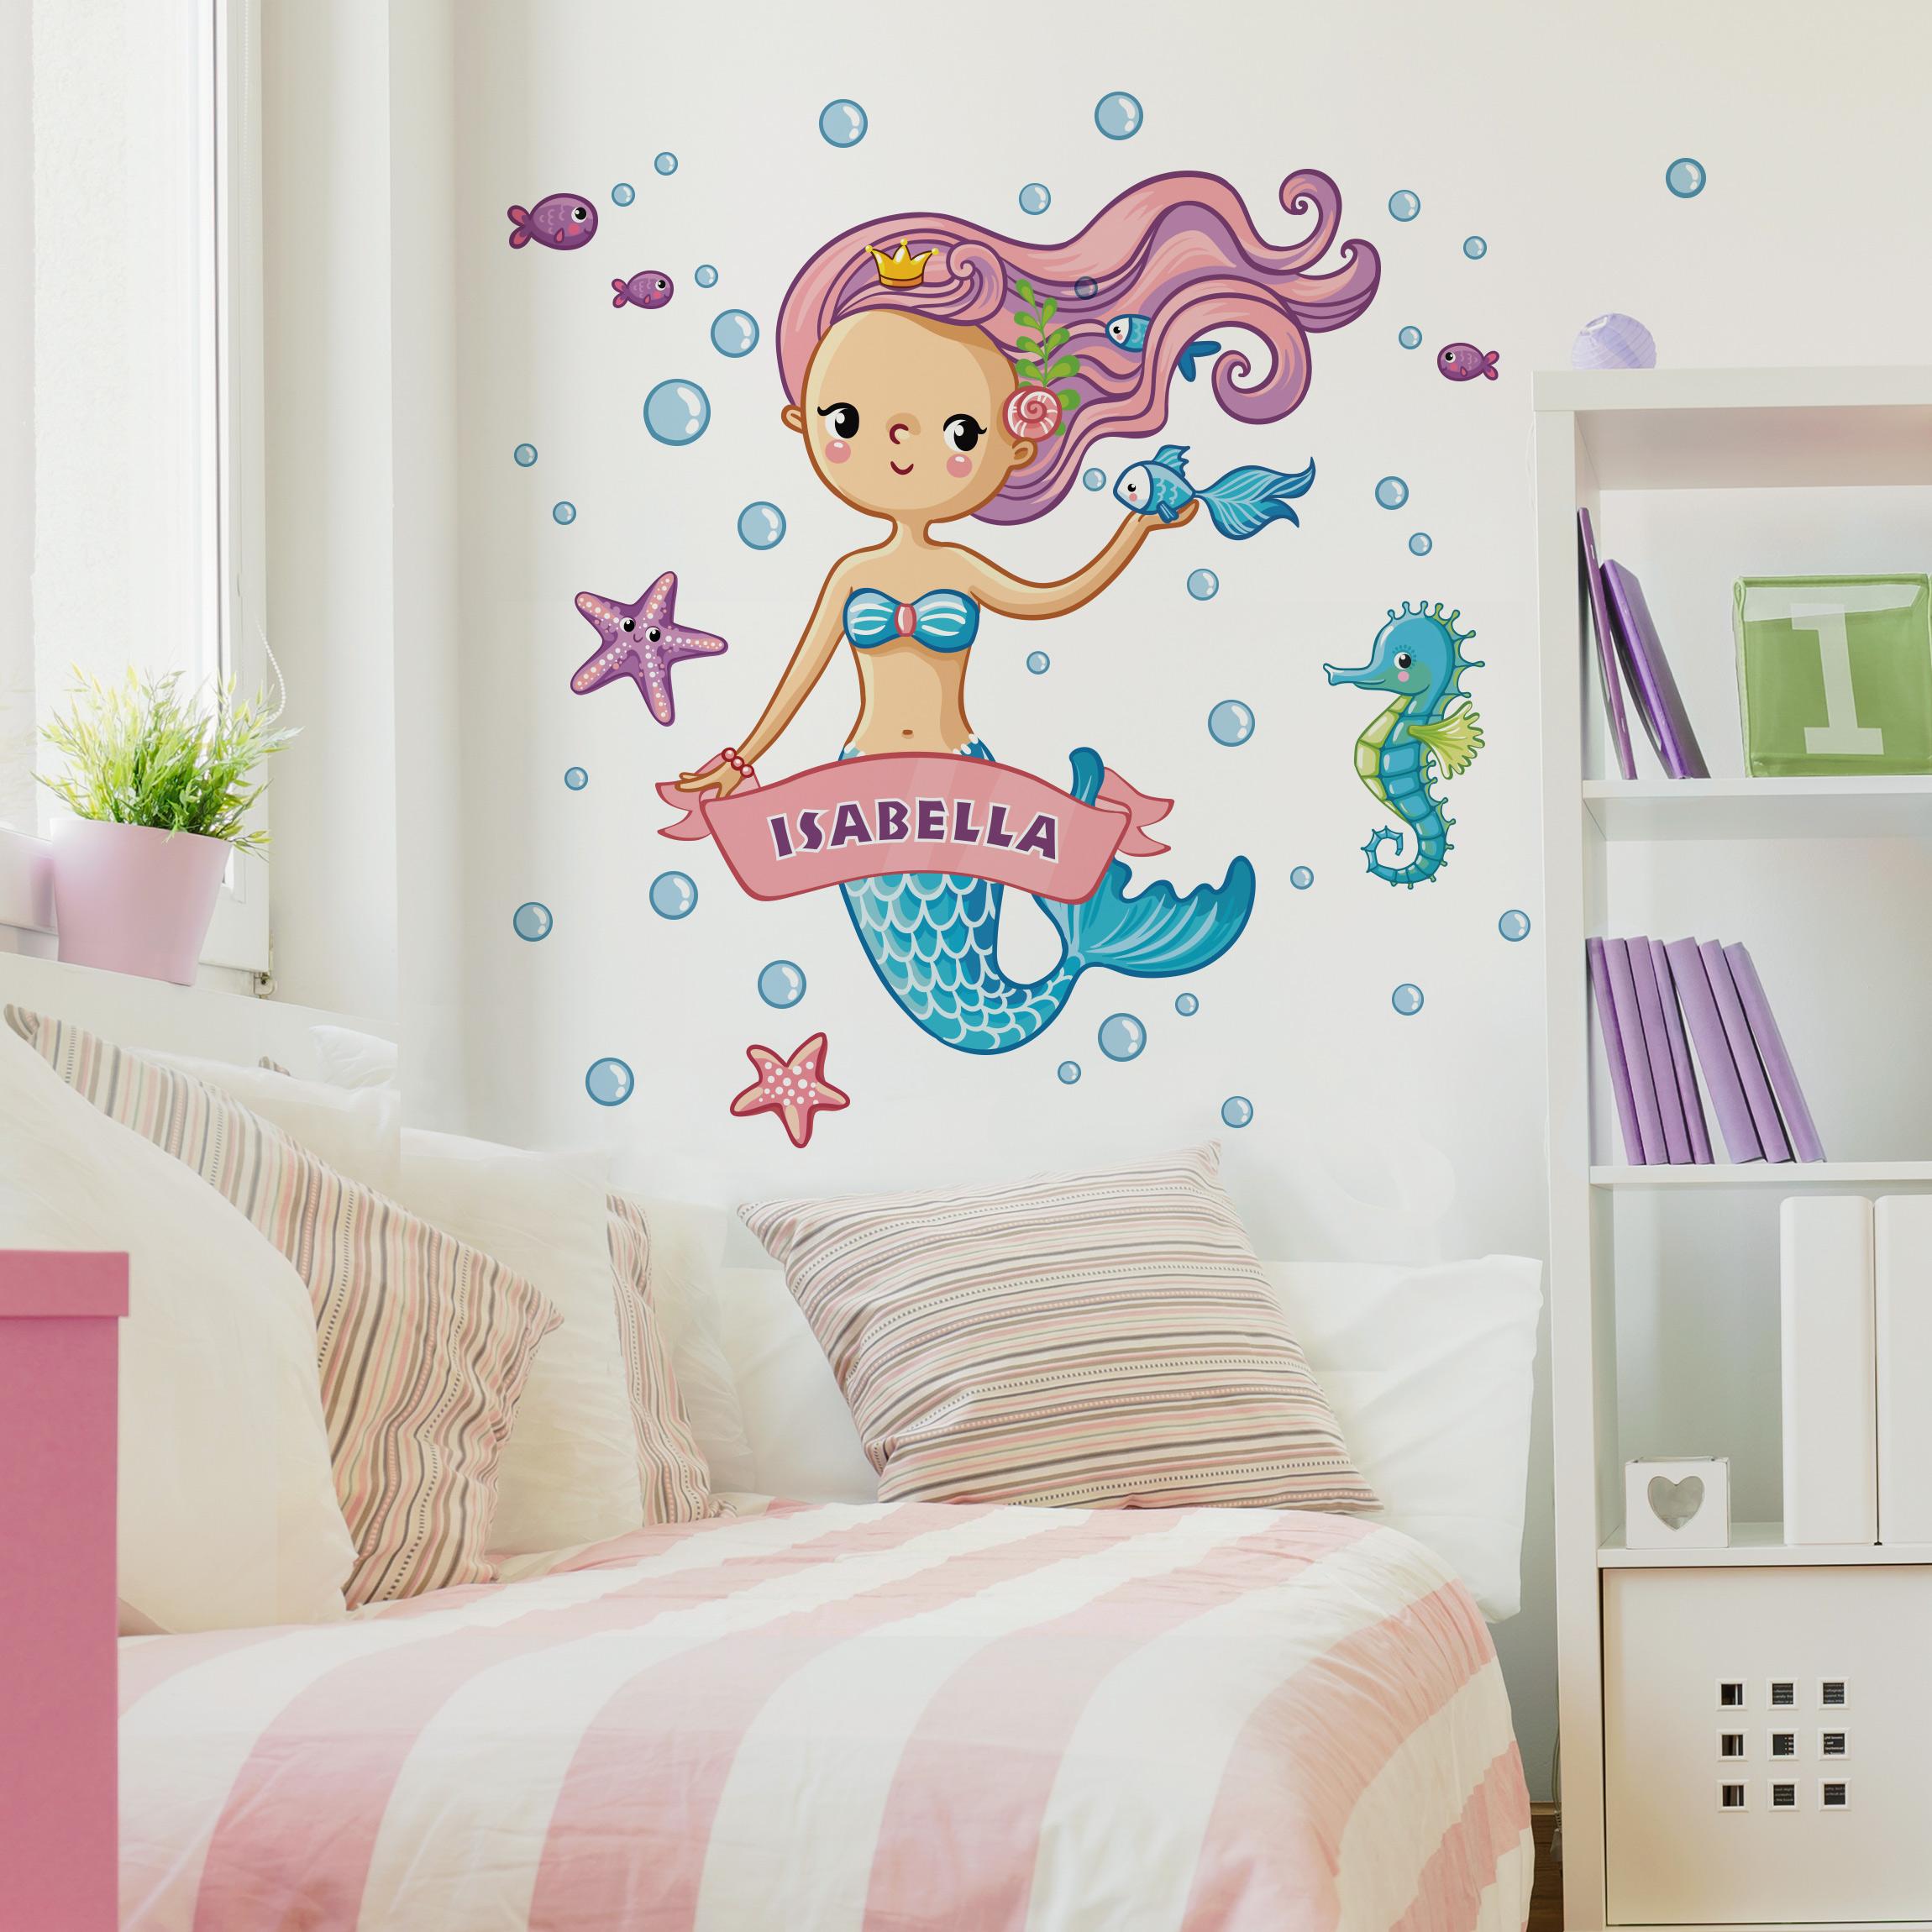 Kinderzimmer wandtattoo meerjungfrau mit wunschname - Kinderzimmer wandtattoo junge ...